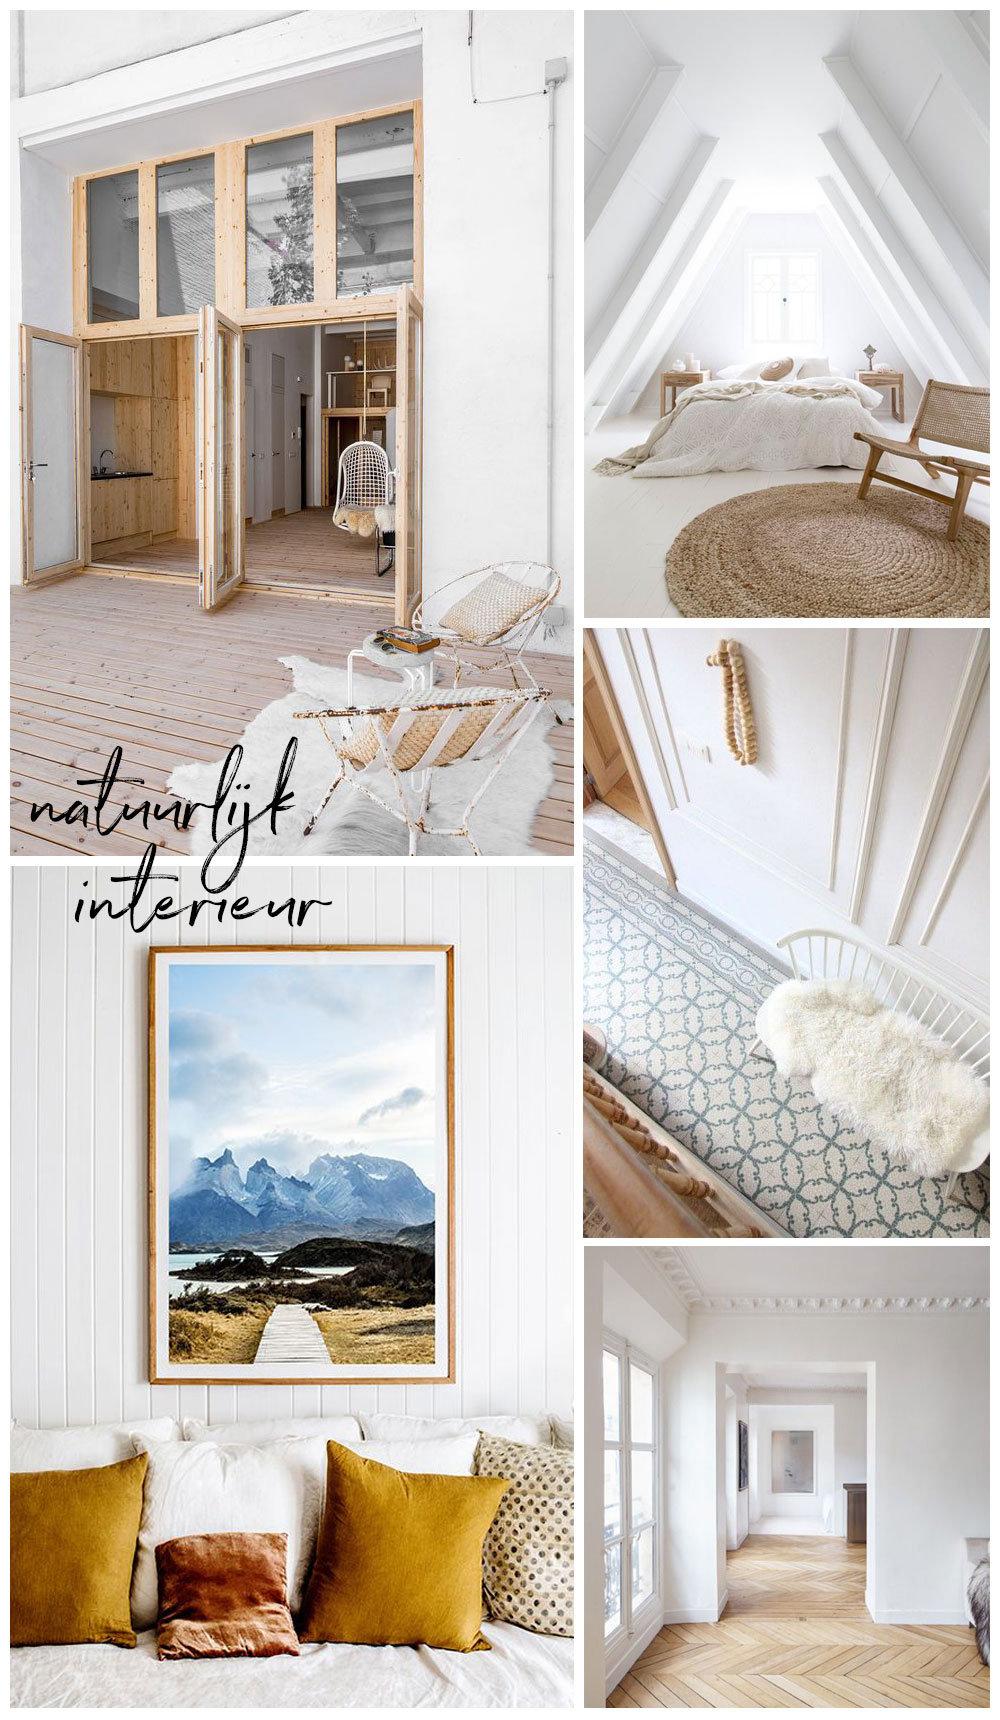 de producten voor in een natuurlijk interieur heb ik bij elkaar gezocht op flindersnl een webshop gevuld met de mooiste design meubelen van maar liefst